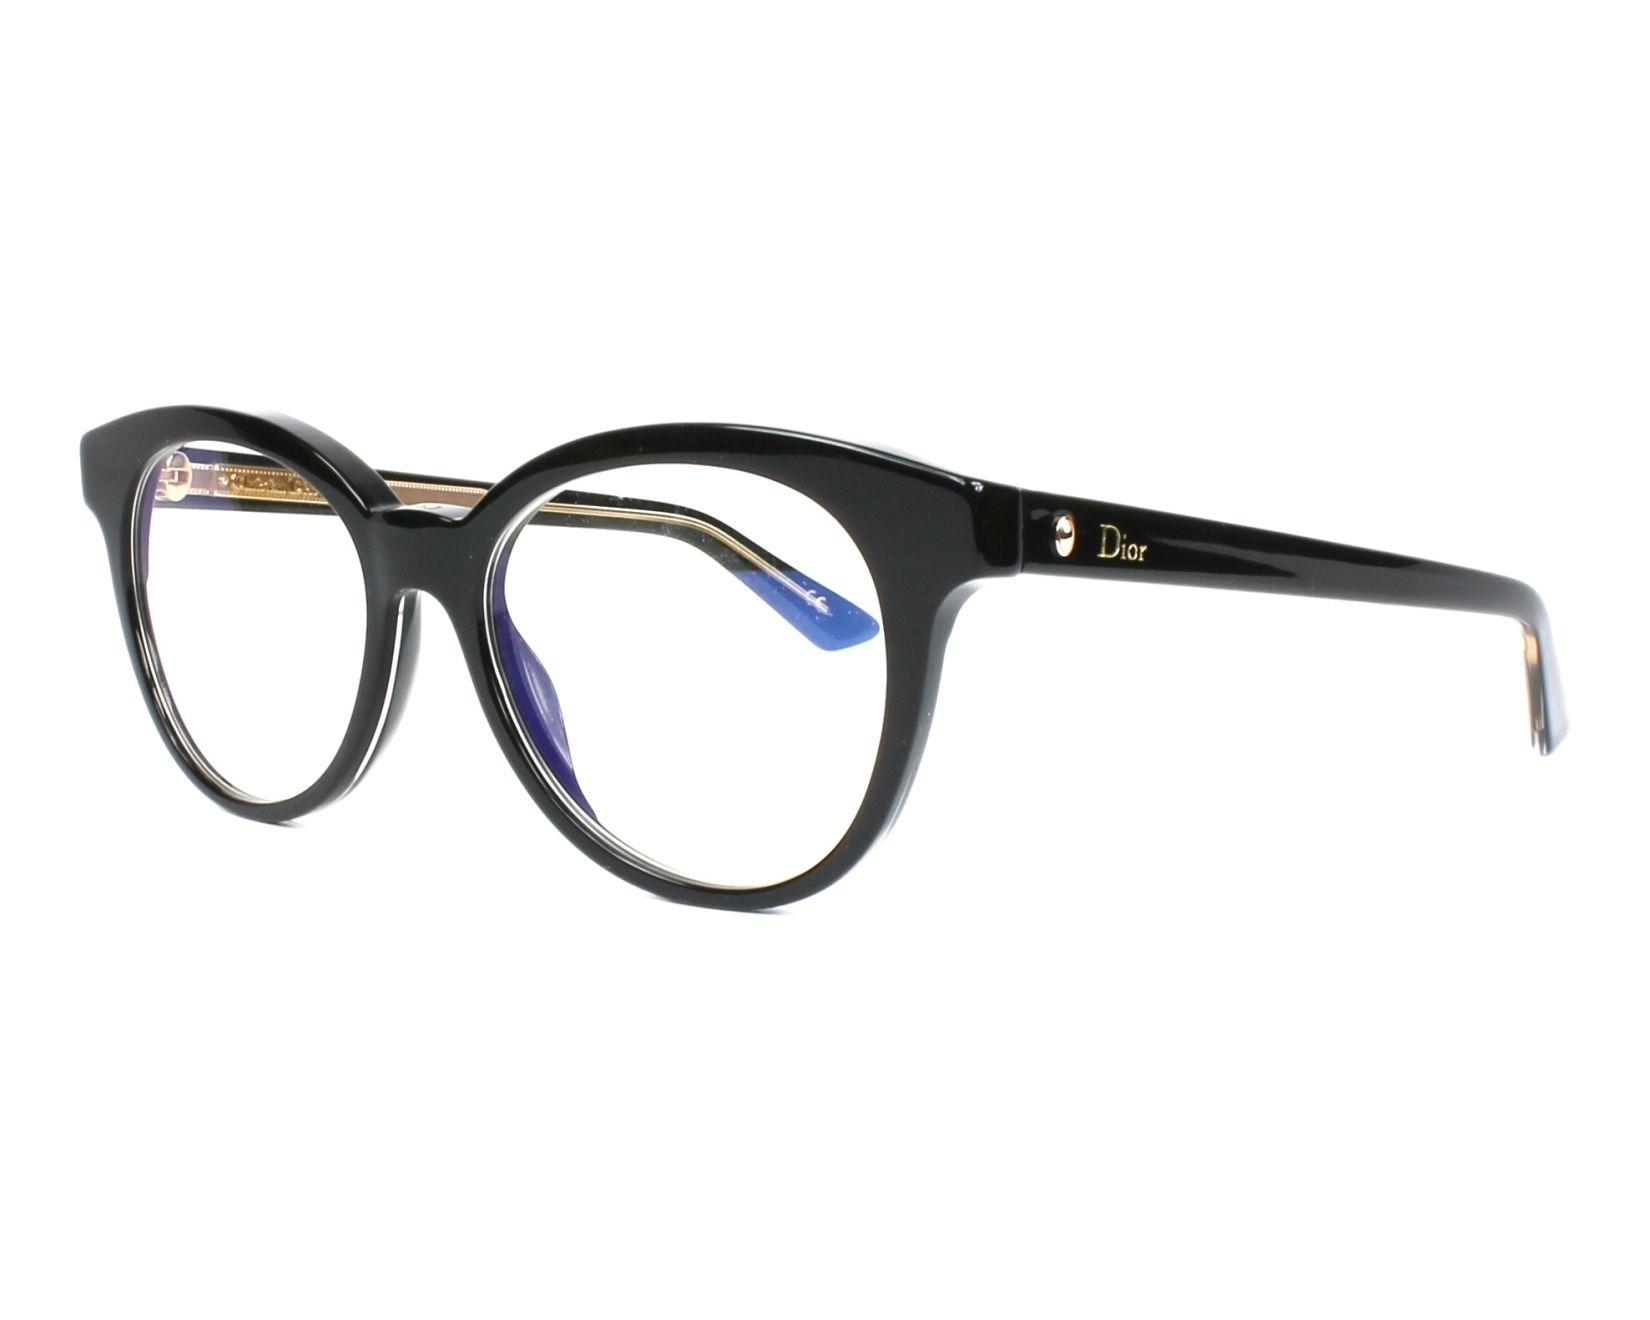 c0d26ab39b Trouvez vos lunettes de vue Christian Dior en promotion toute l'année